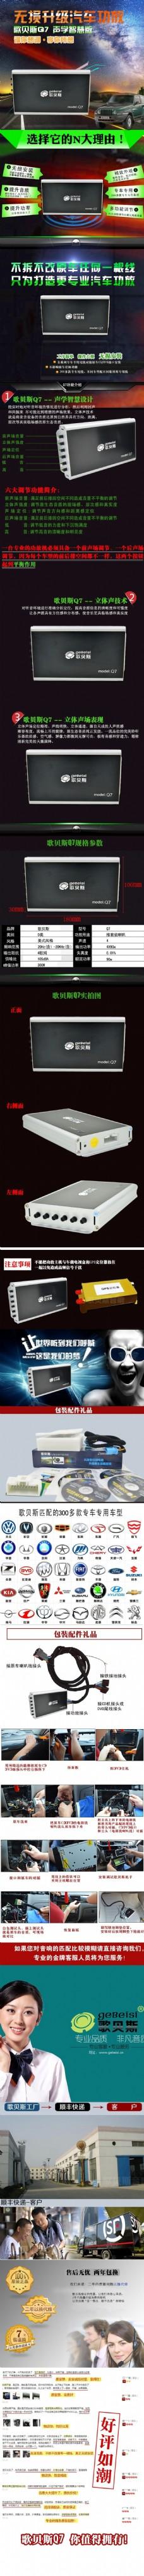 原创淘宝天猫汽车功放广告详情页广告图